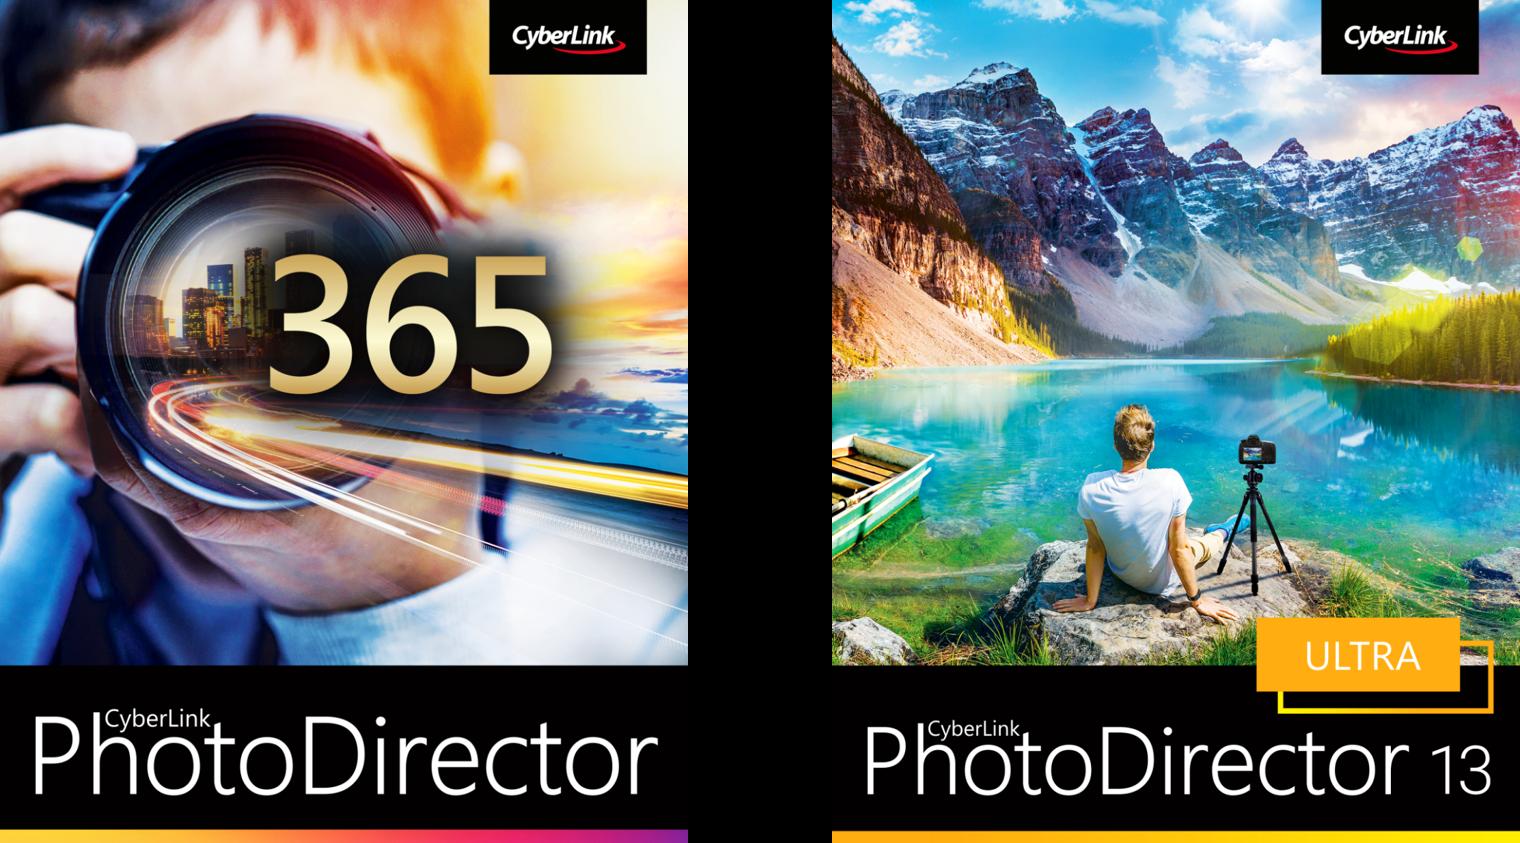 サイバーリンク、AIを搭載した写真編集ソフト「PhotoDirector 13」をリリース